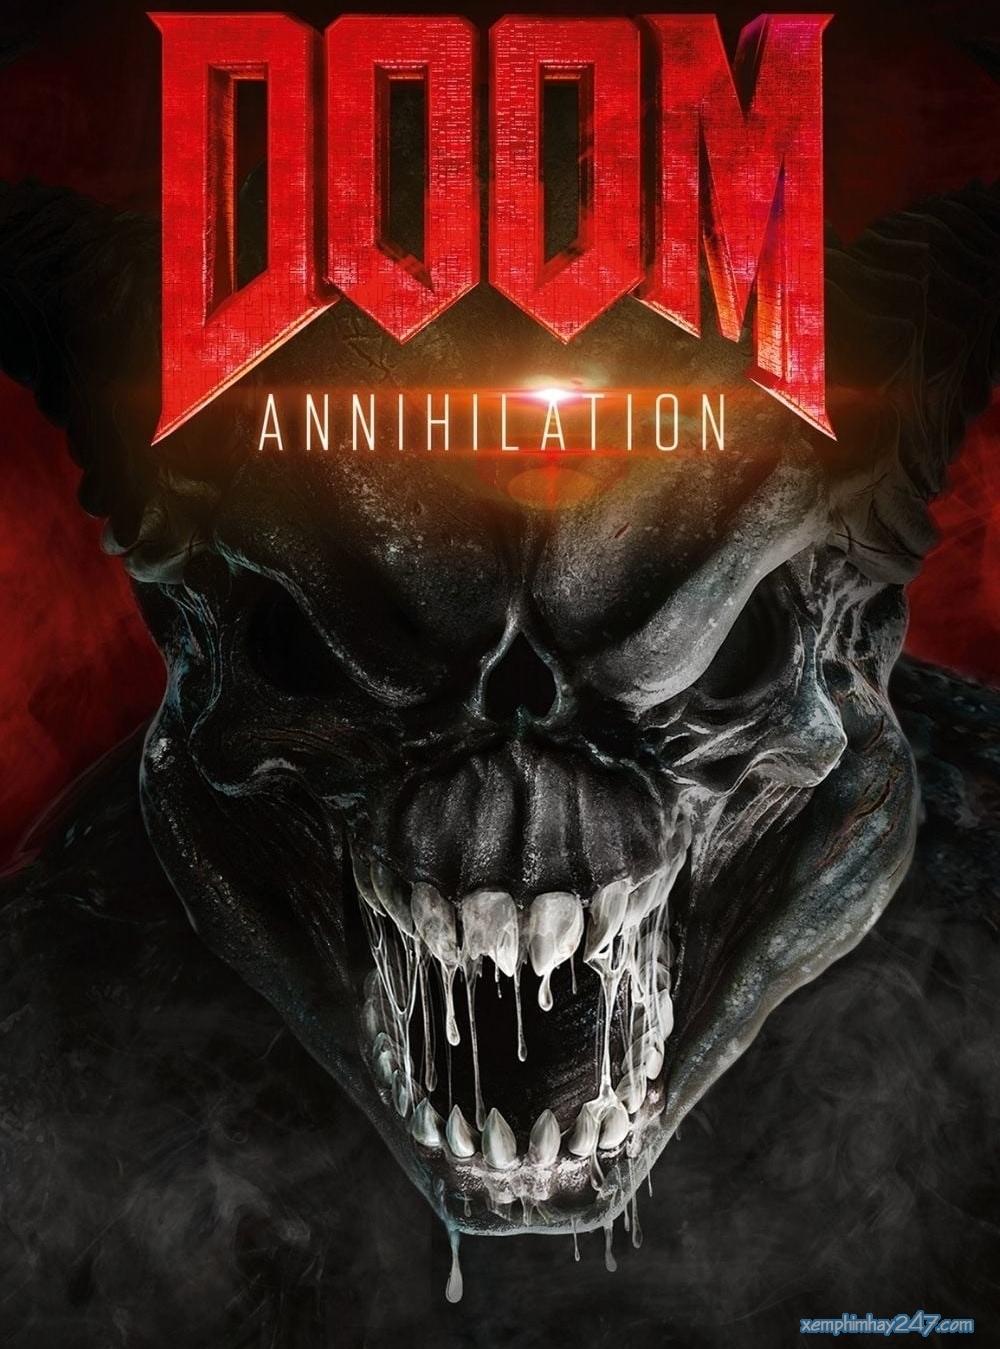 http://xemphimhay247.com - Xem phim hay 247 - Diệt Vong - Cổng Địa Ngục (2019) - Doom Annihilation (2019)